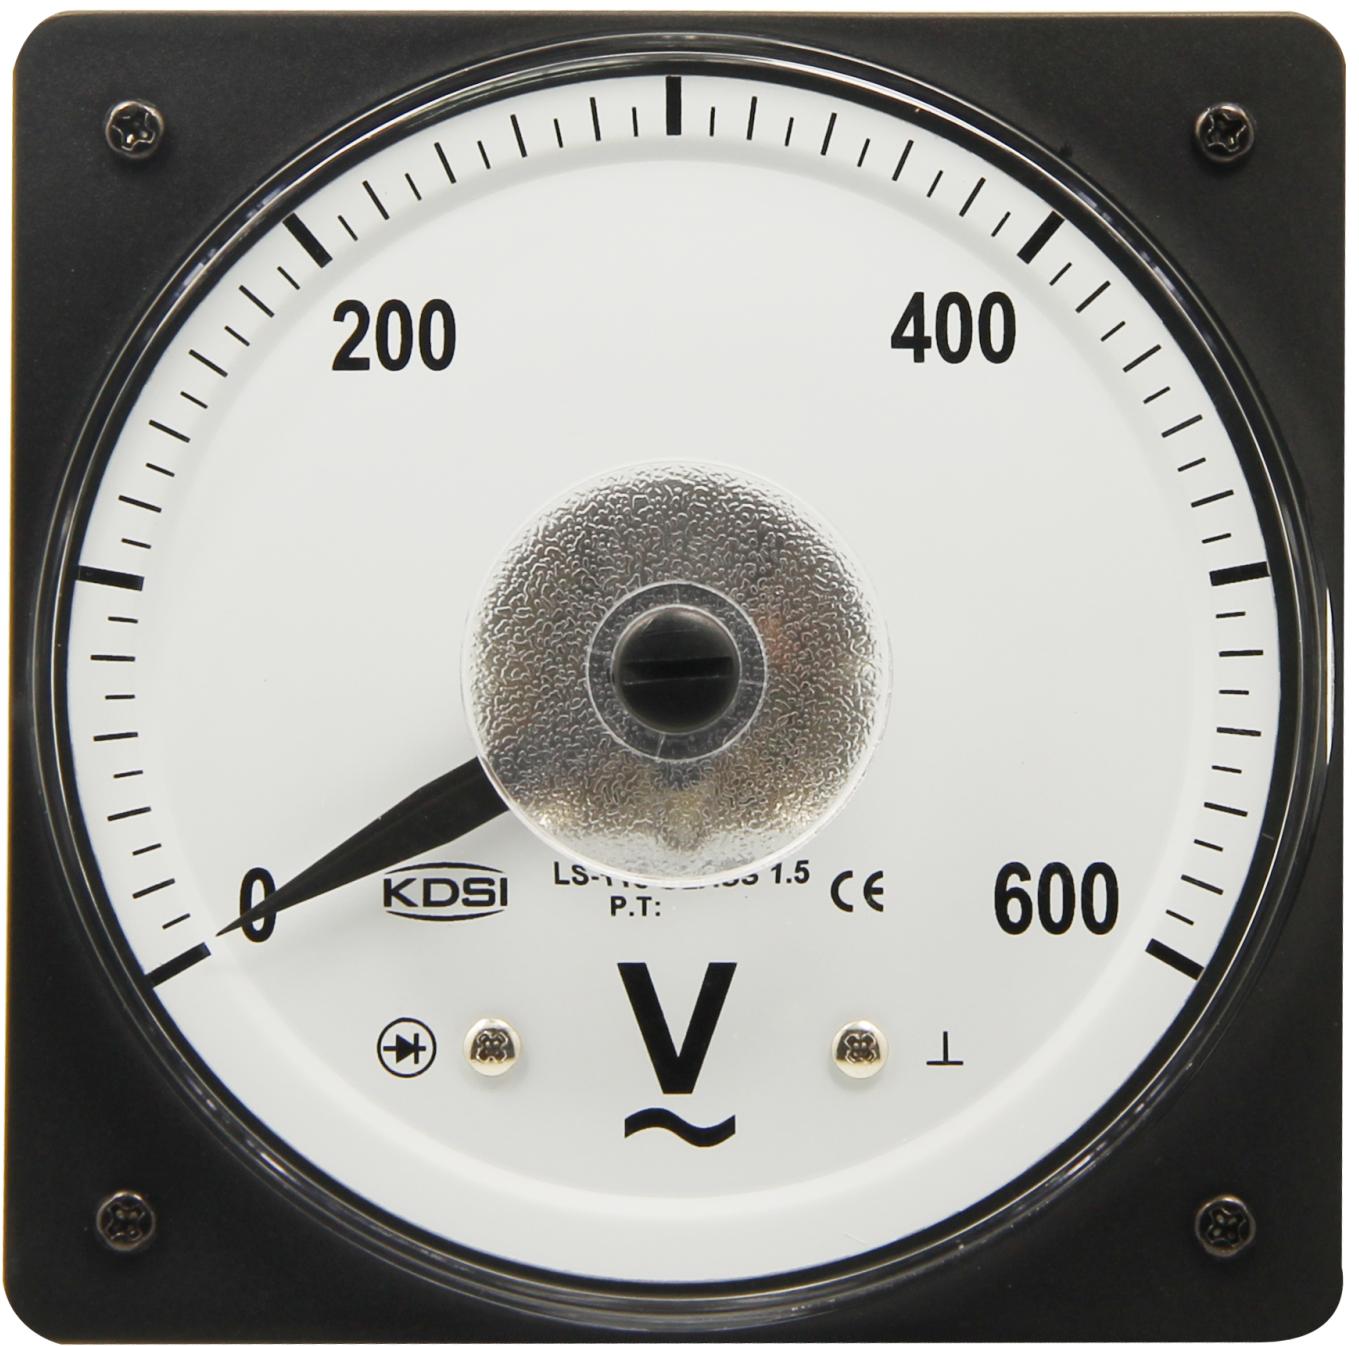 LS-110 AC600V